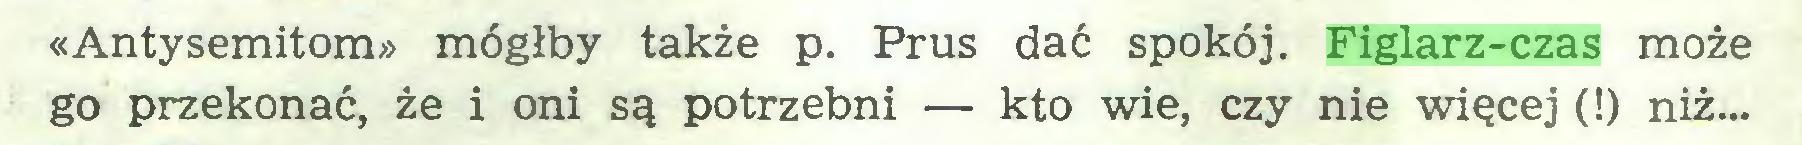 (...) «Antysemitom» mógłby także p. Prus dać spokój. Figlarz-czas może go przekonać, że i oni są potrzebni — kto wie, czy nie więcej (!) niż...